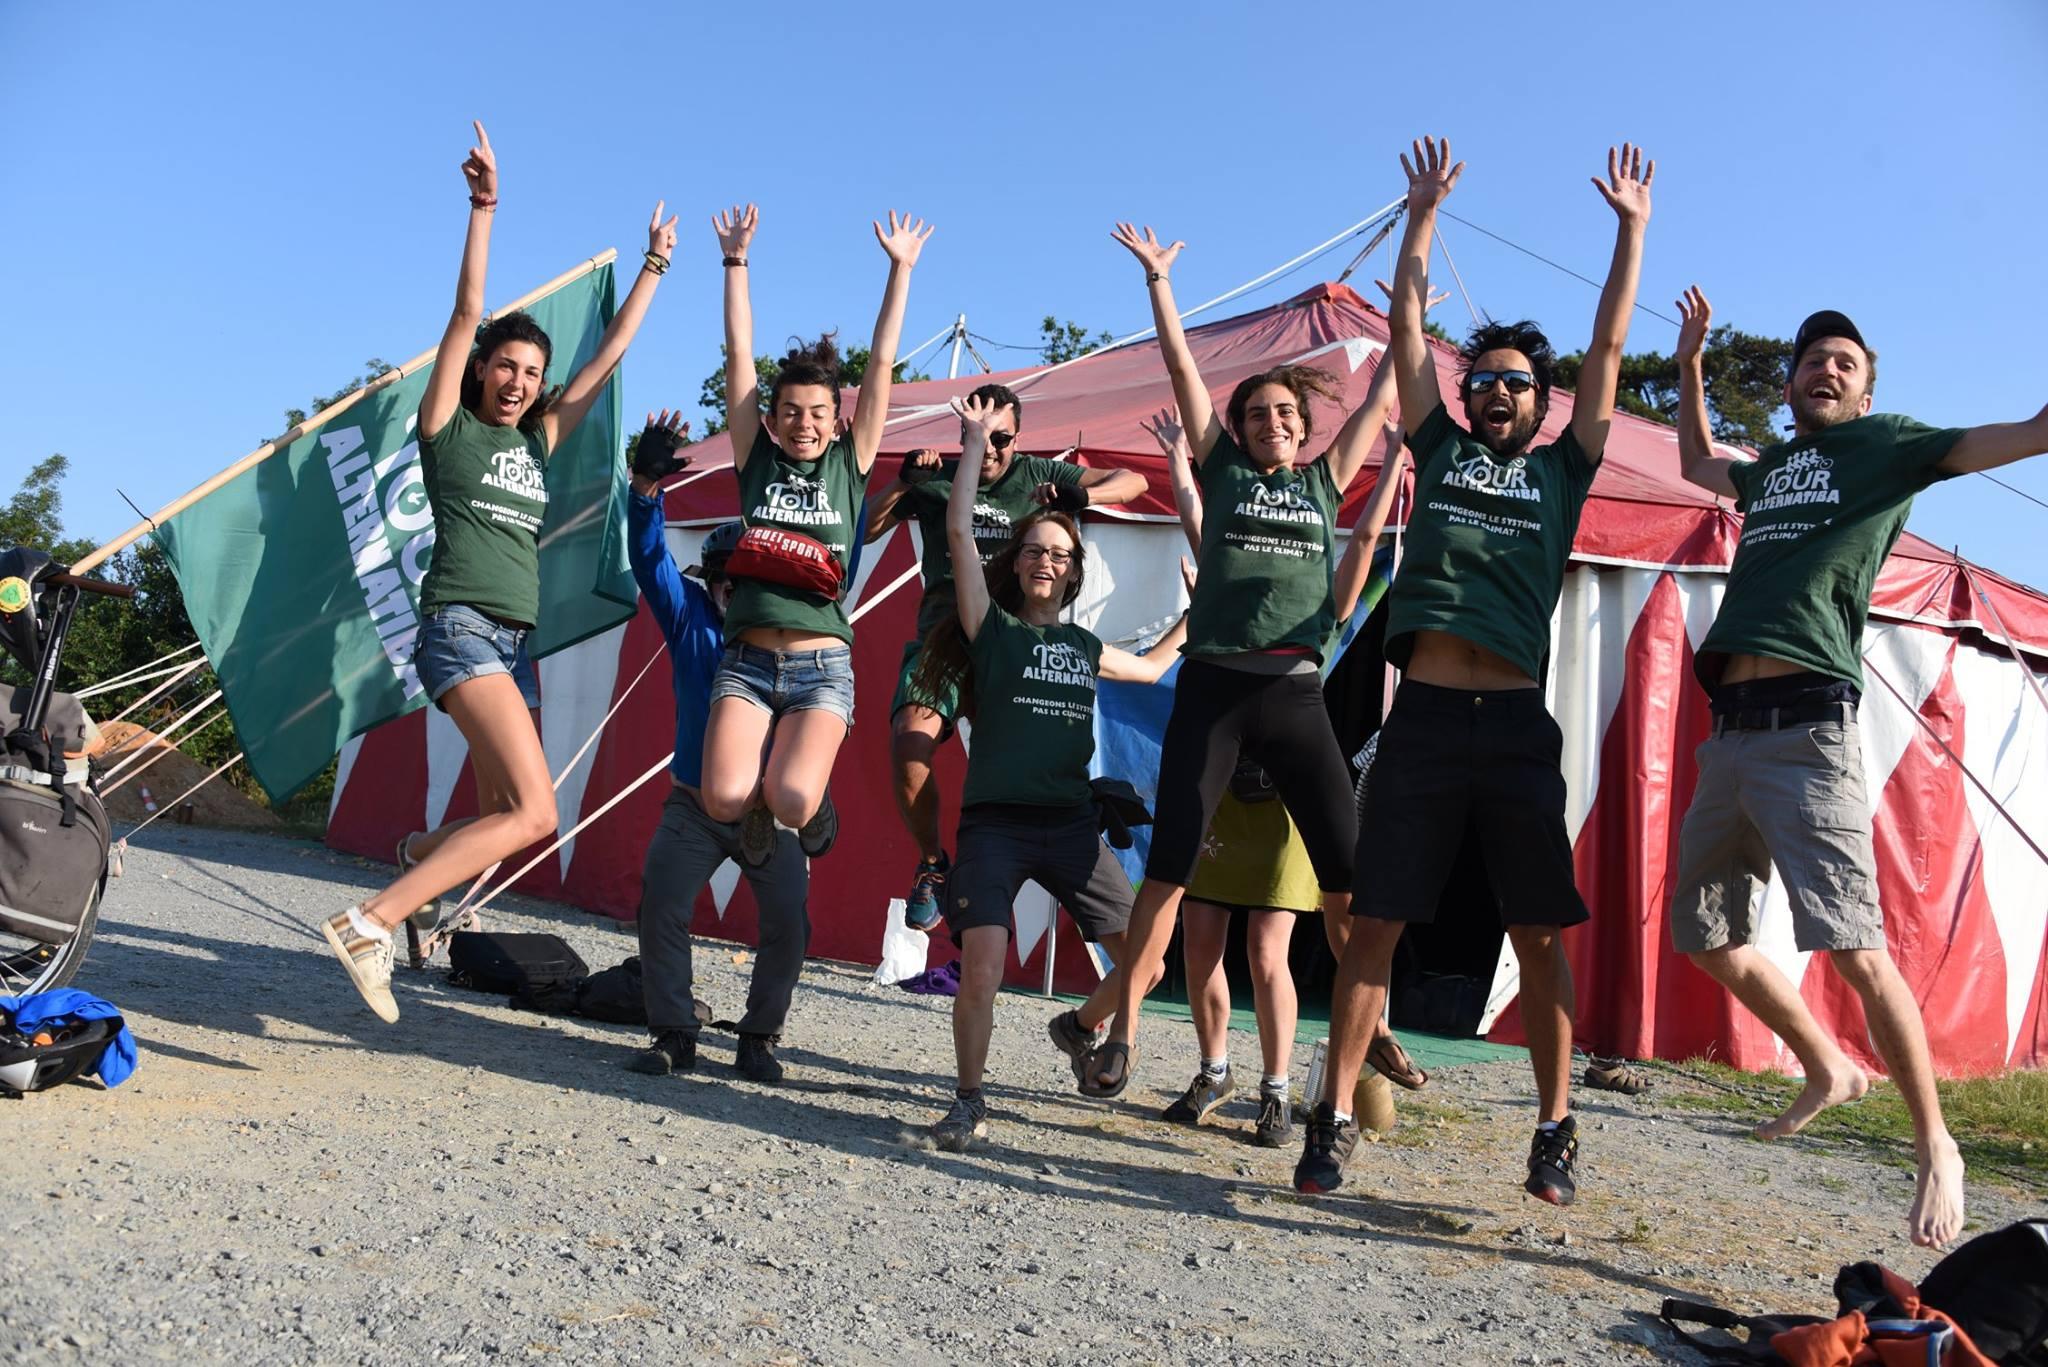 Les cyclistes du Tour Alternatiba sautent dans l'air devant un chapiteau